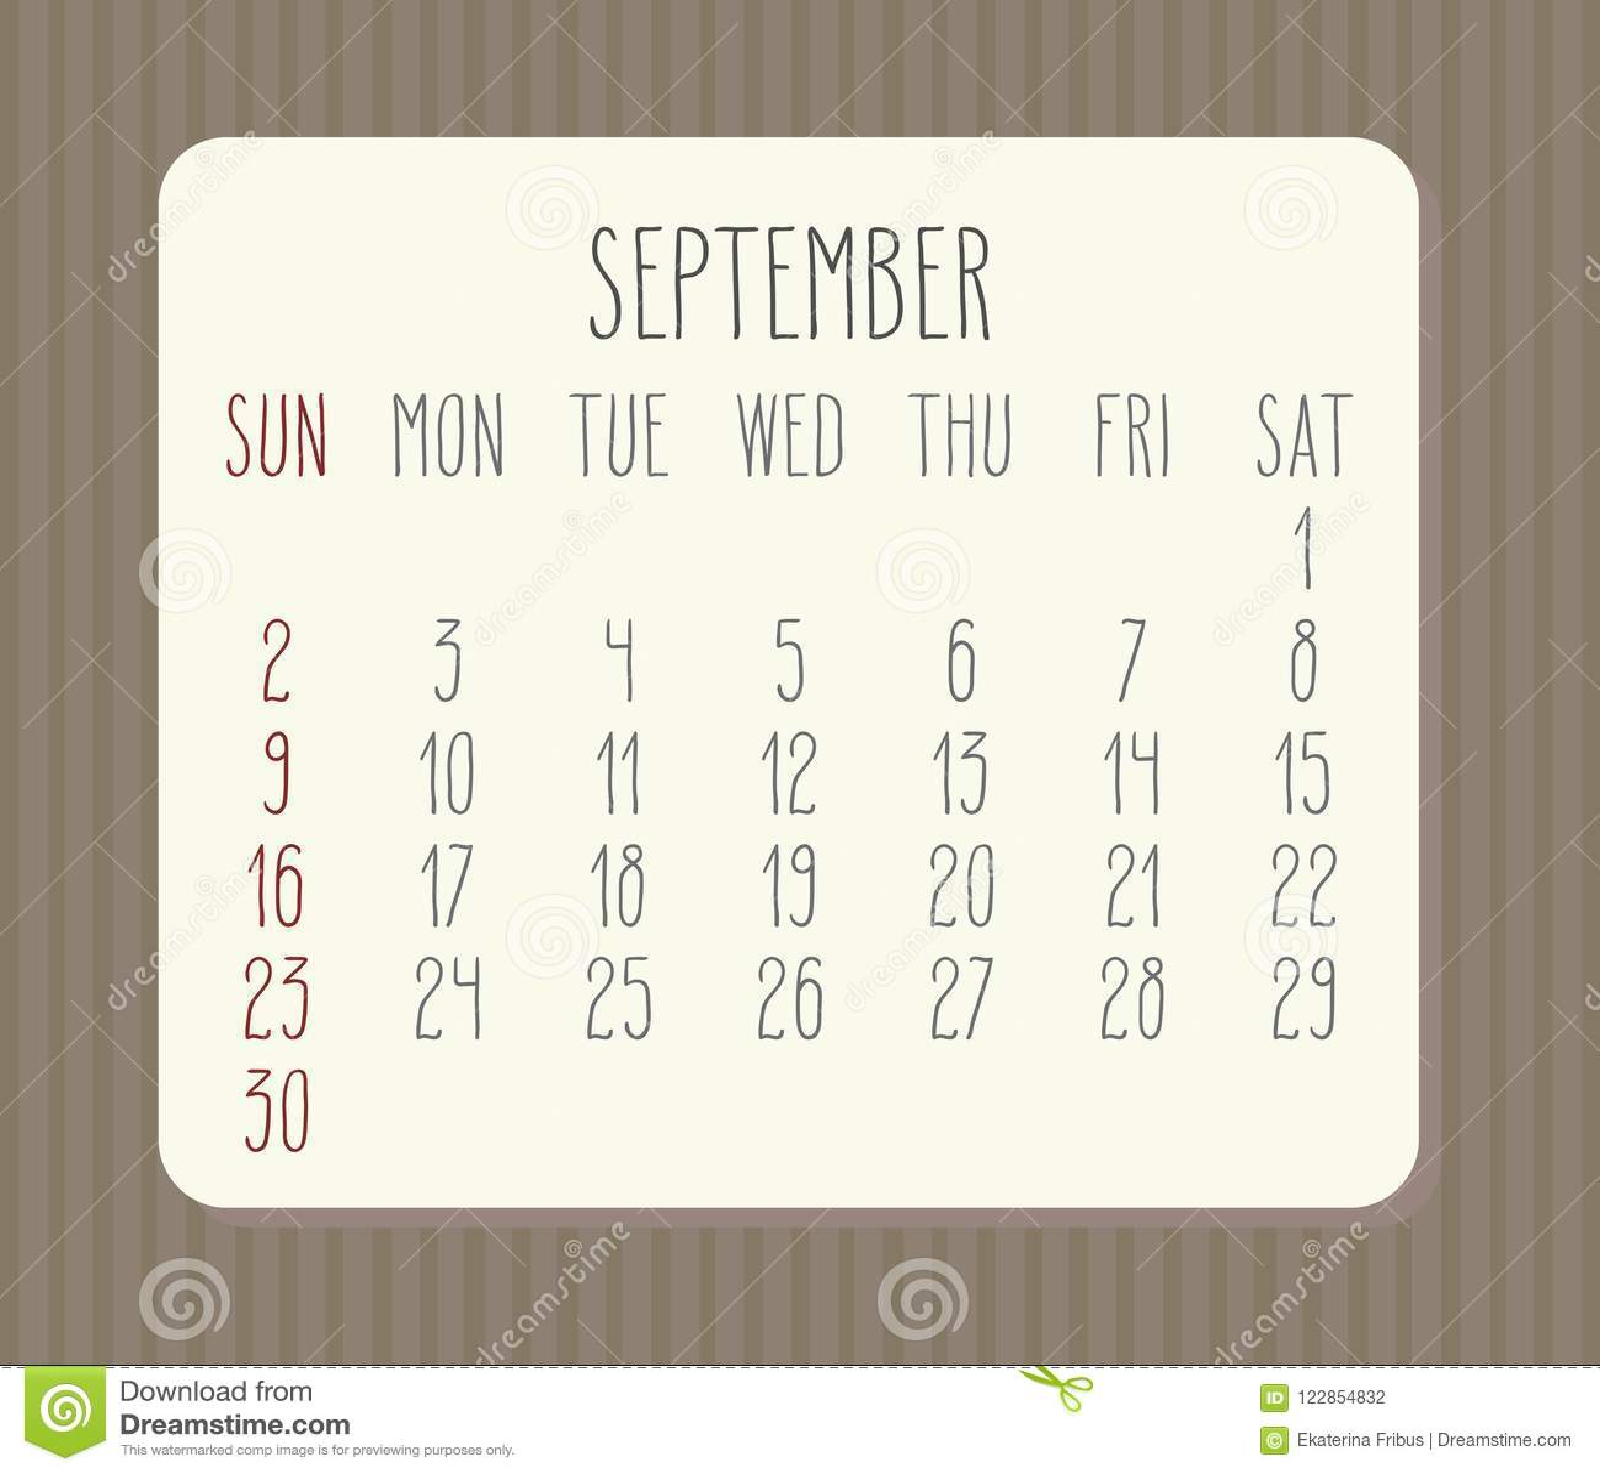 September 2018 calendar stock vector  Illustration of